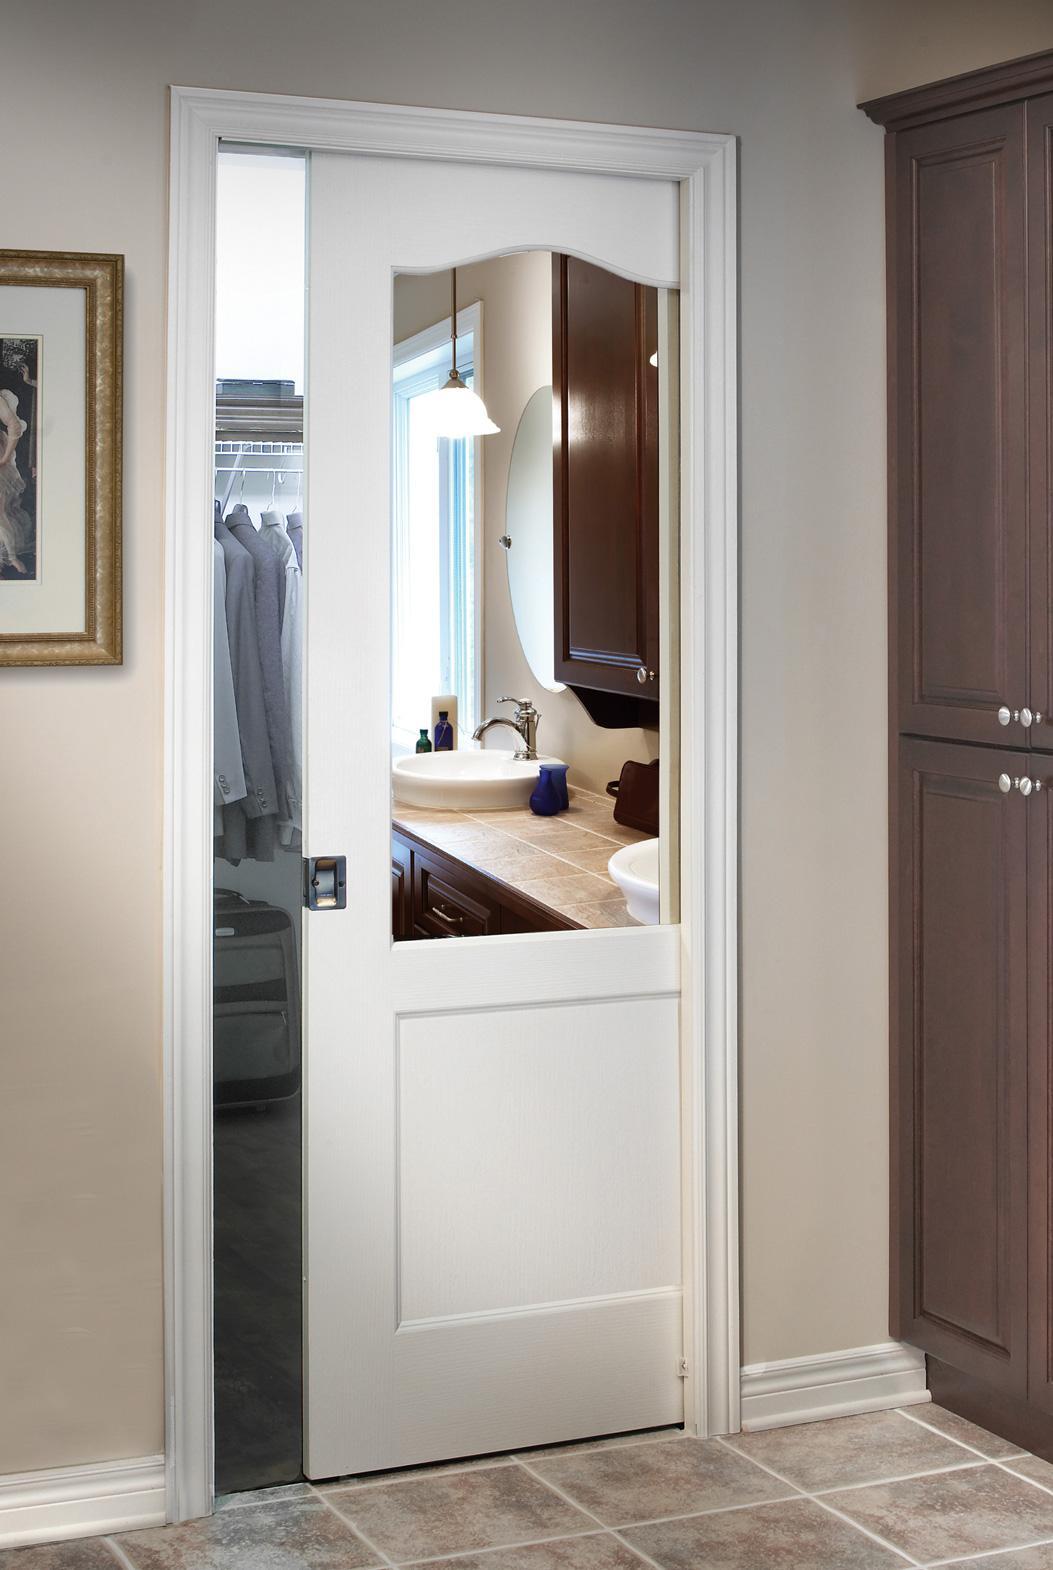 PreAssembled pocket door frame  Colonial Elegance